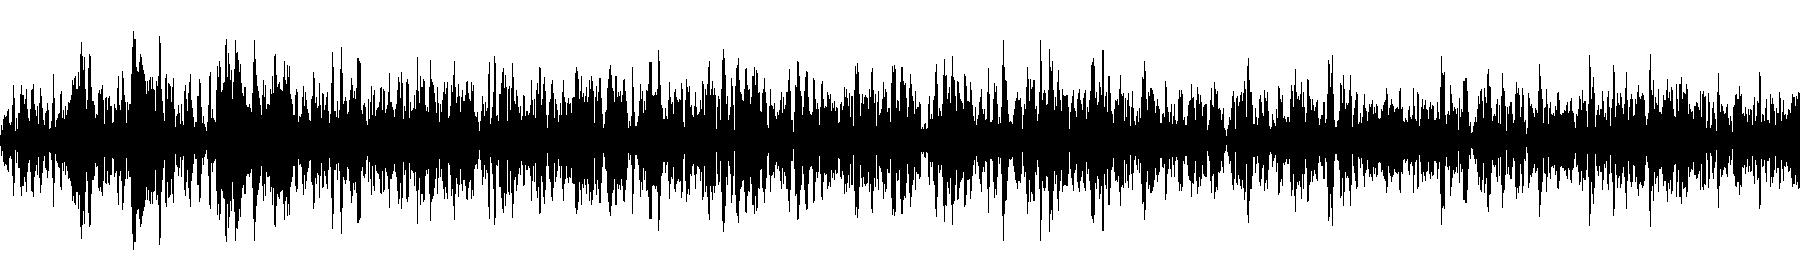 veh2 synths   134 c